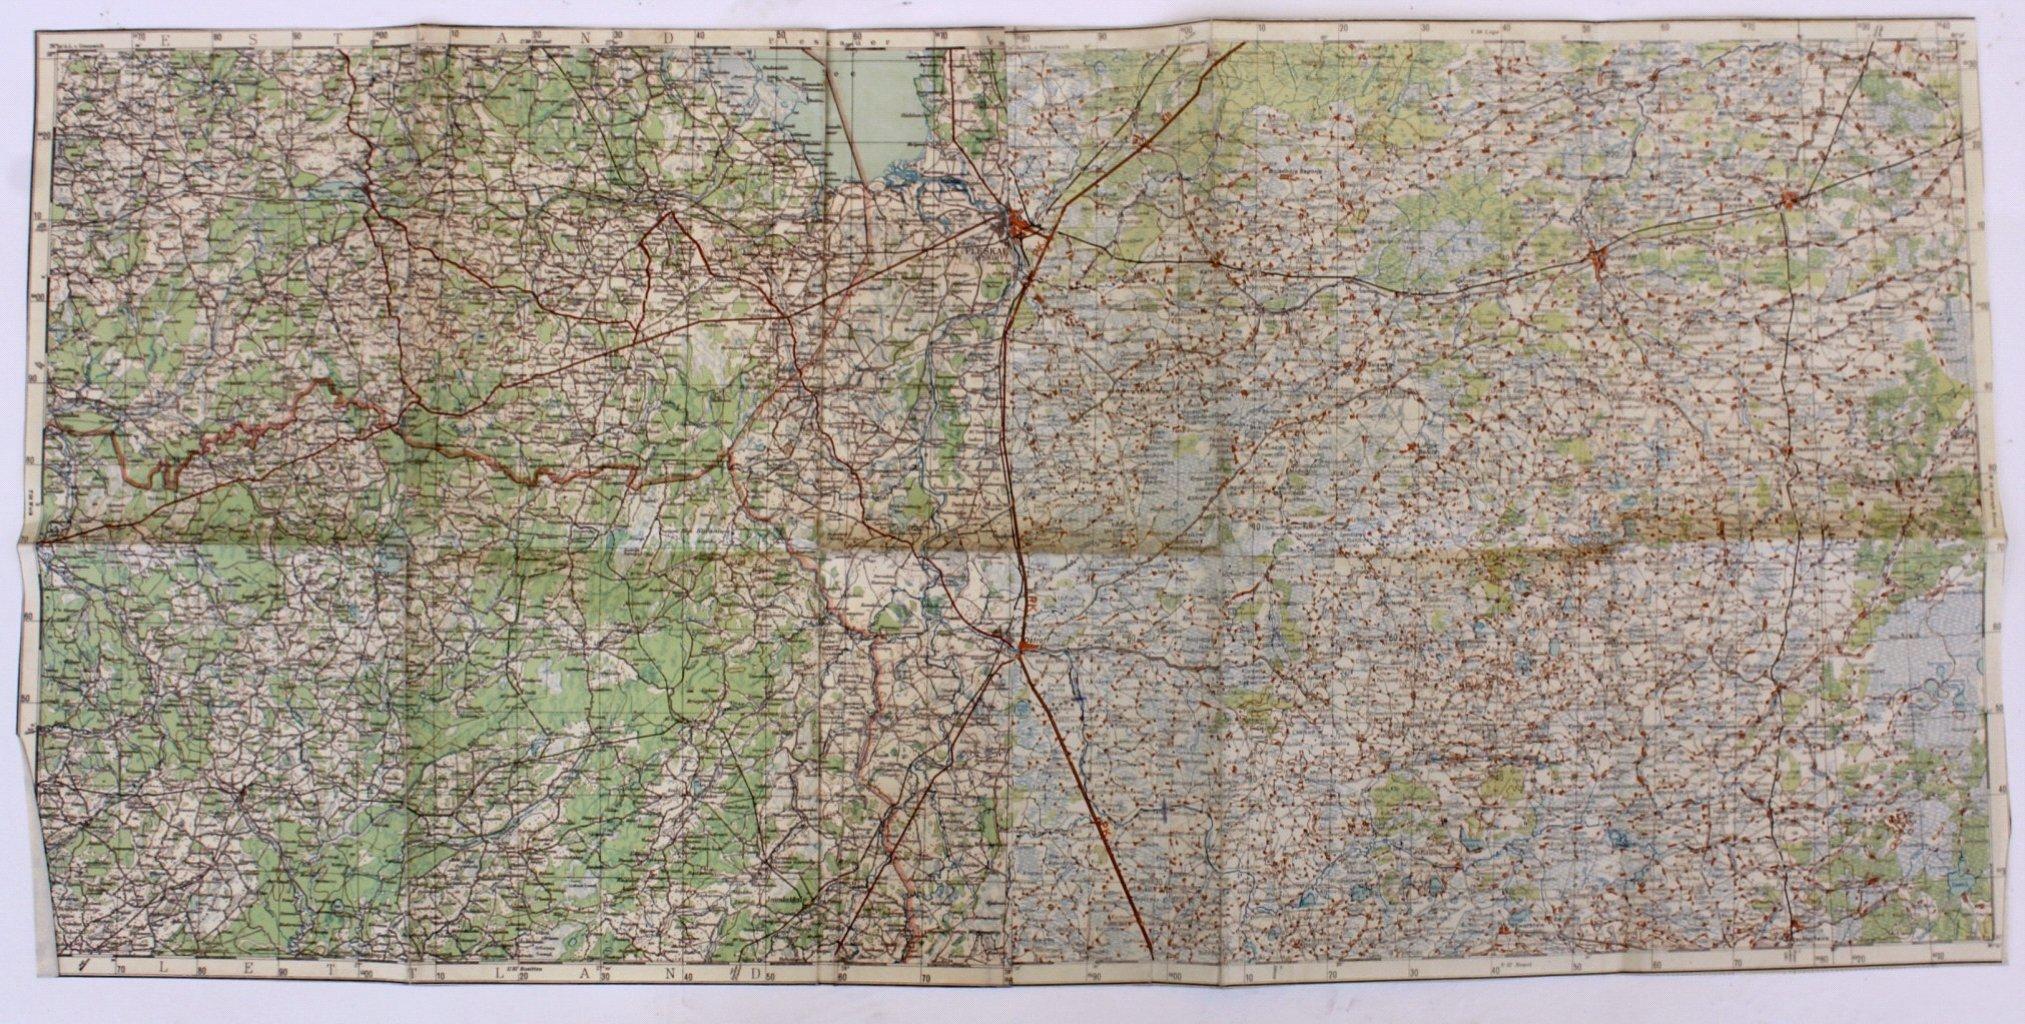 Kartennachlass Brückenbaustab 1, Brückenbau-Bataillon 683-7